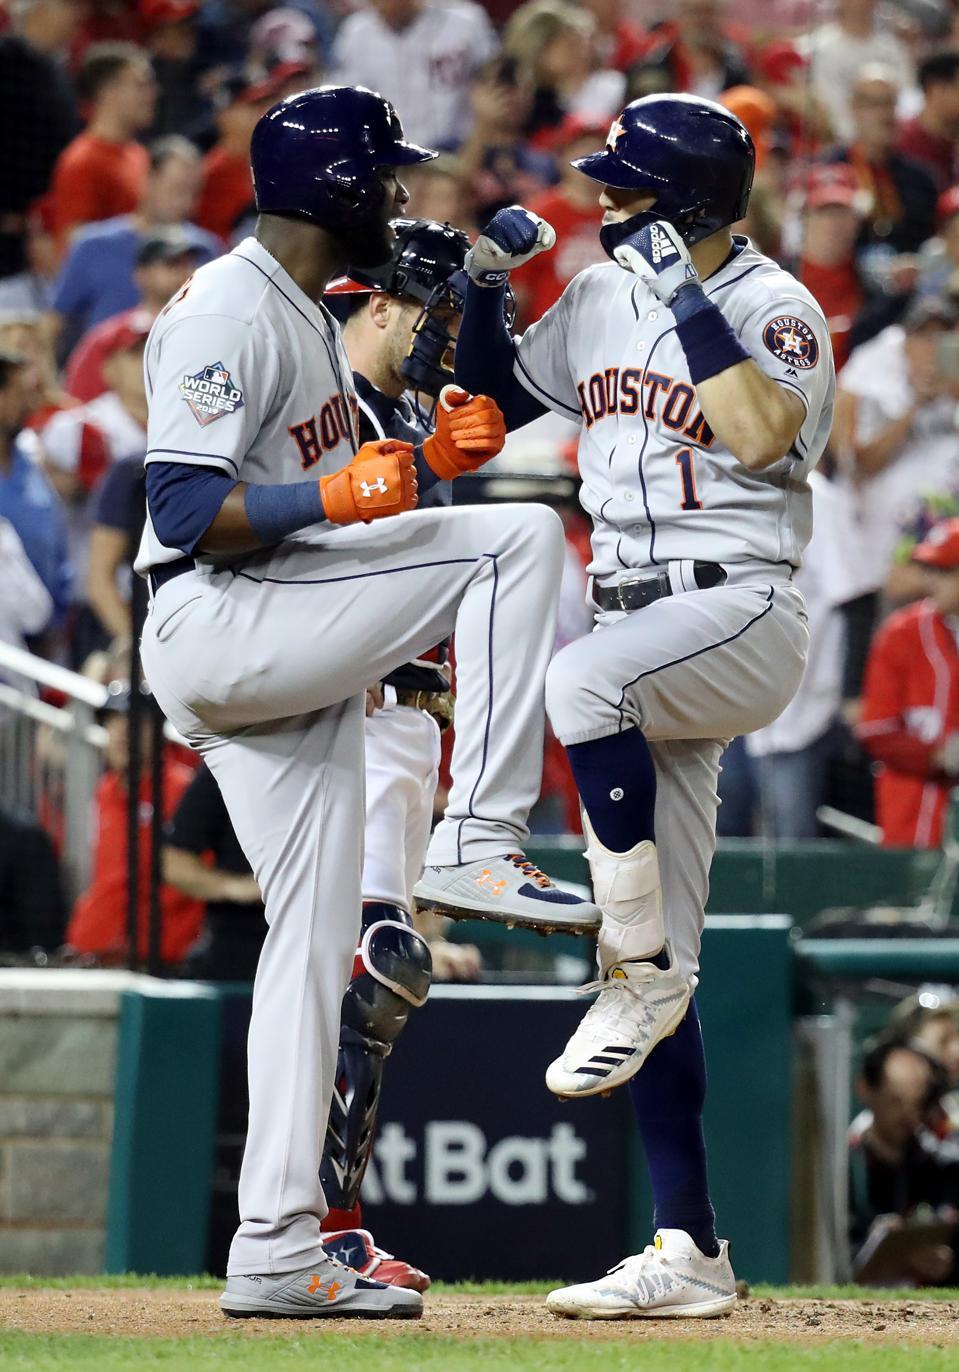 Carlos Correa of the Houston Astros is congratulated by his teammate Yordan Alvarez.